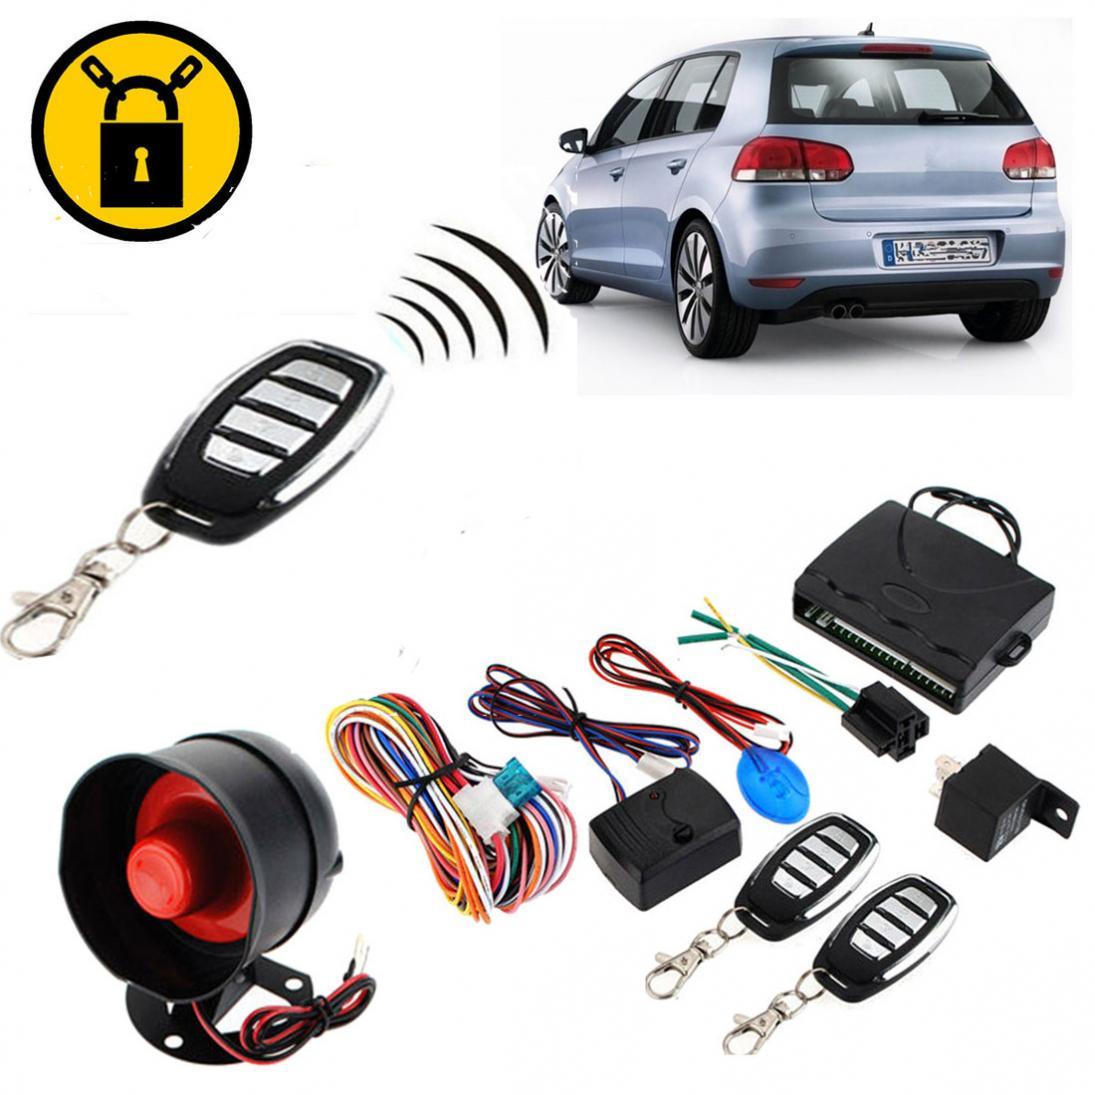 Système de sécurité d'alarme antivol de voiture 12 V système de Protection de véhicule à sens unique sirène de système d'entrée sans clé avec 2 télécommandes